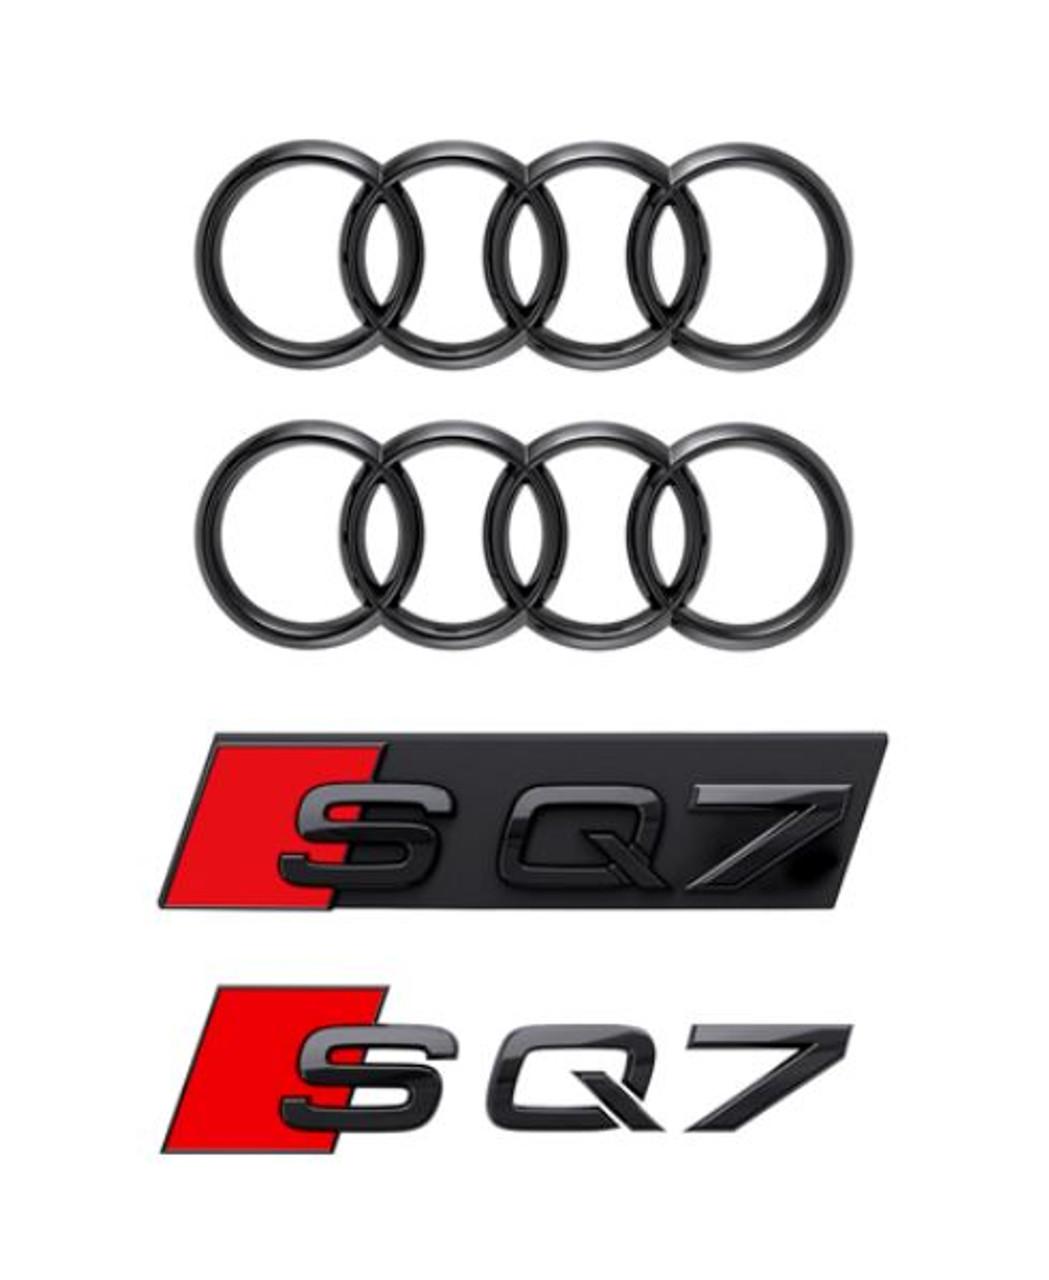 Genuine Audi Black Badge Kit - SQ7 2020+